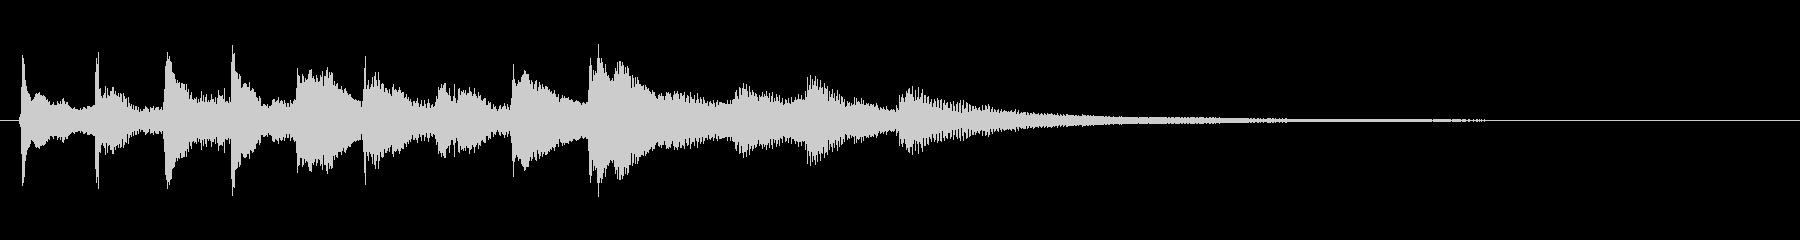 単純なフレーズのゆったりピアノジングルの未再生の波形